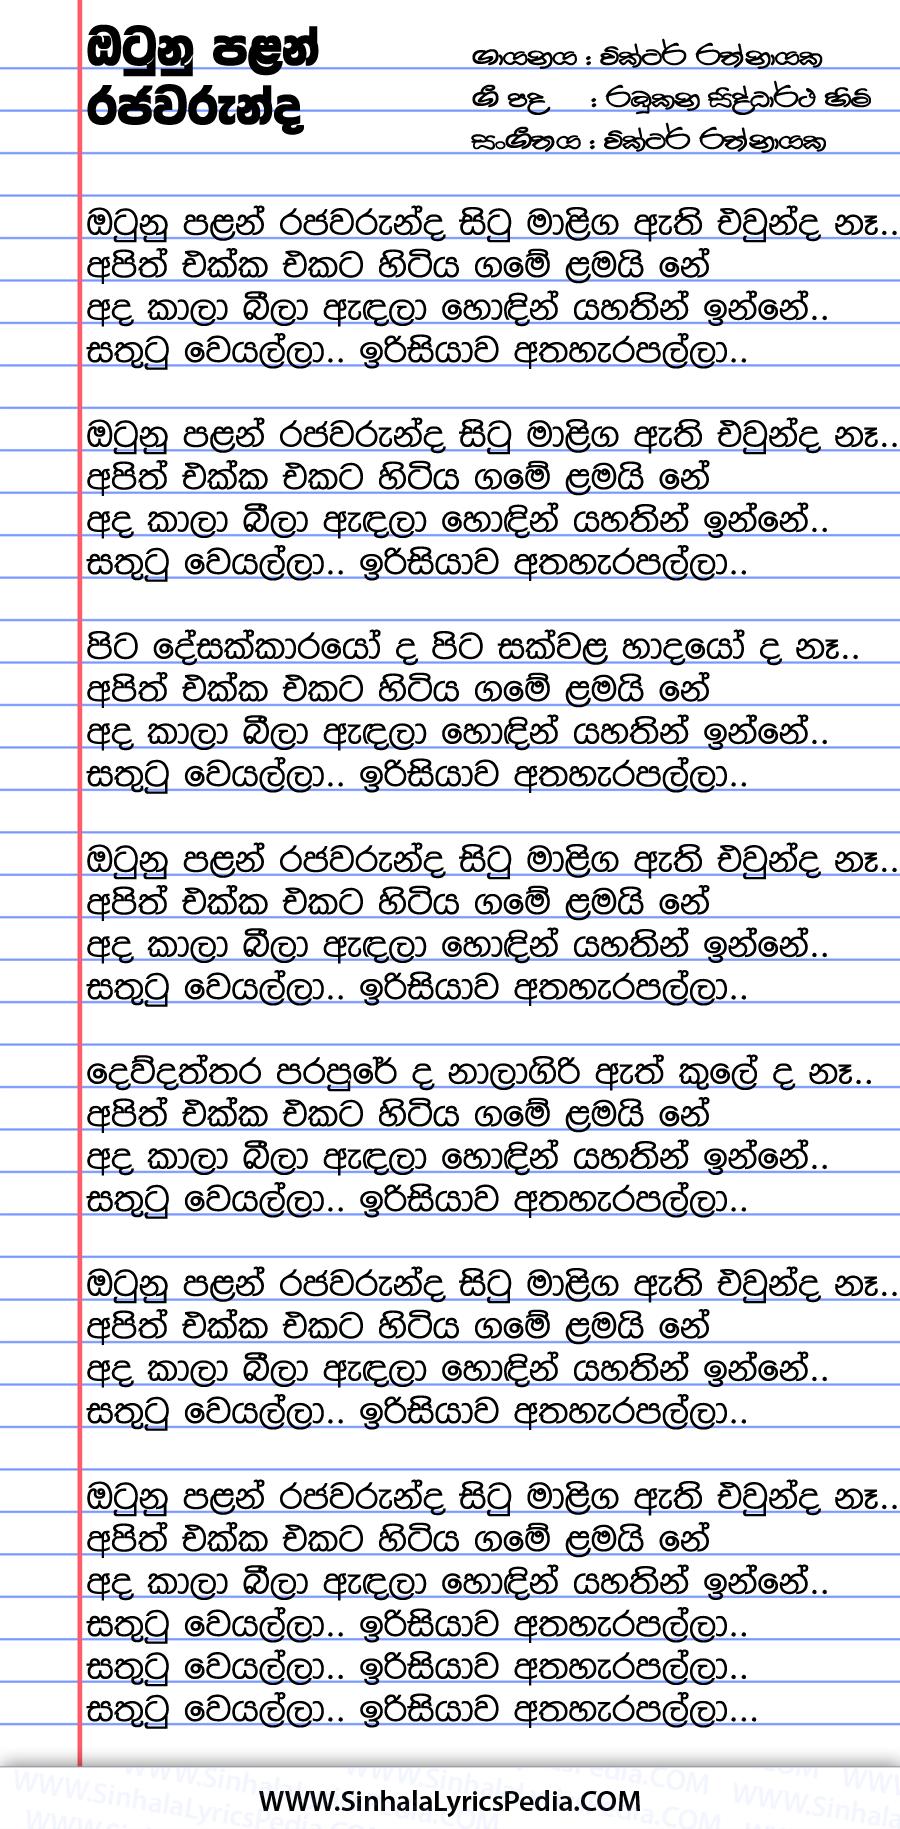 Otunu Palan Rajawarunda Song Lyrics